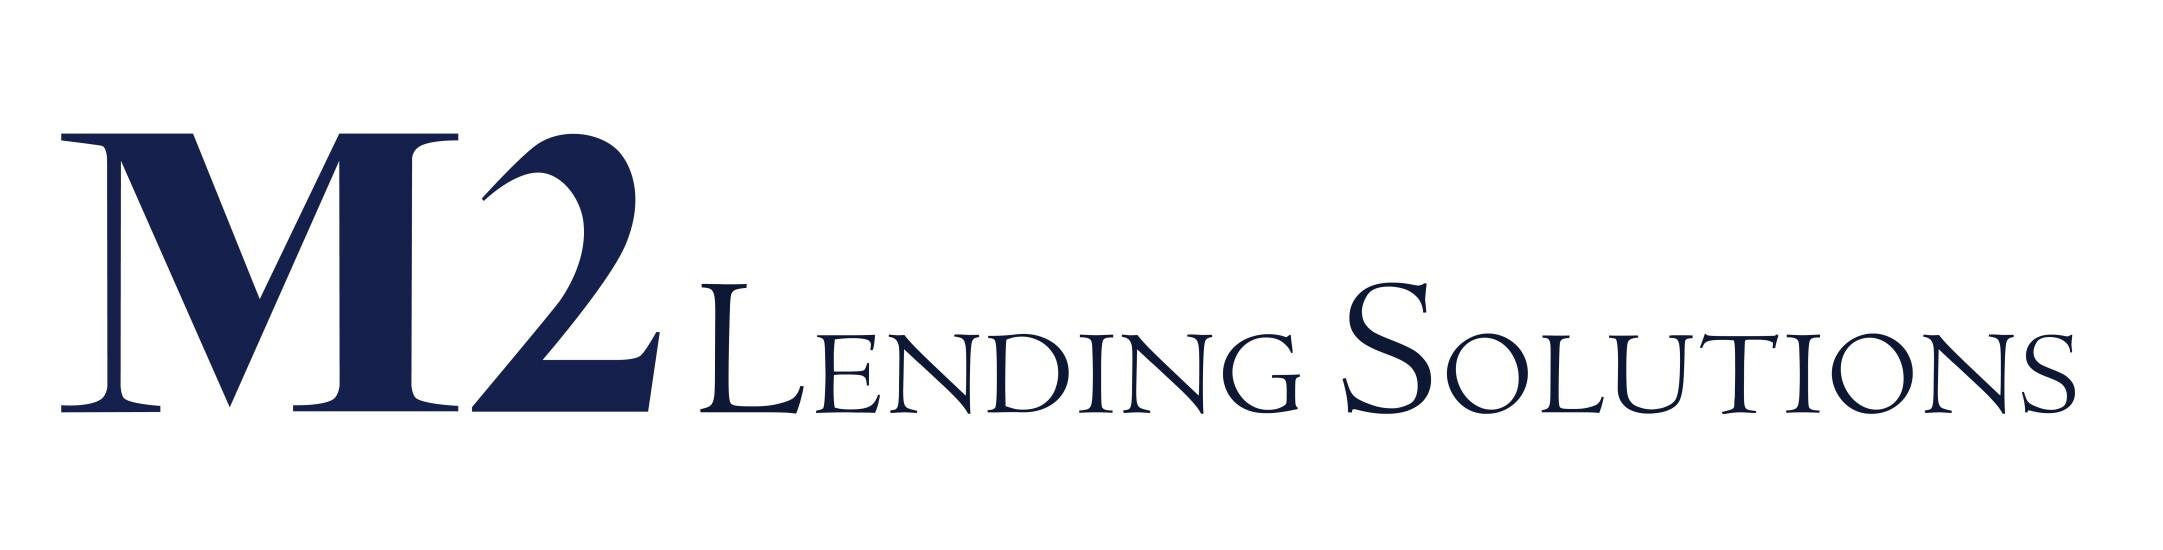 M2 Lending Solutions.jpg